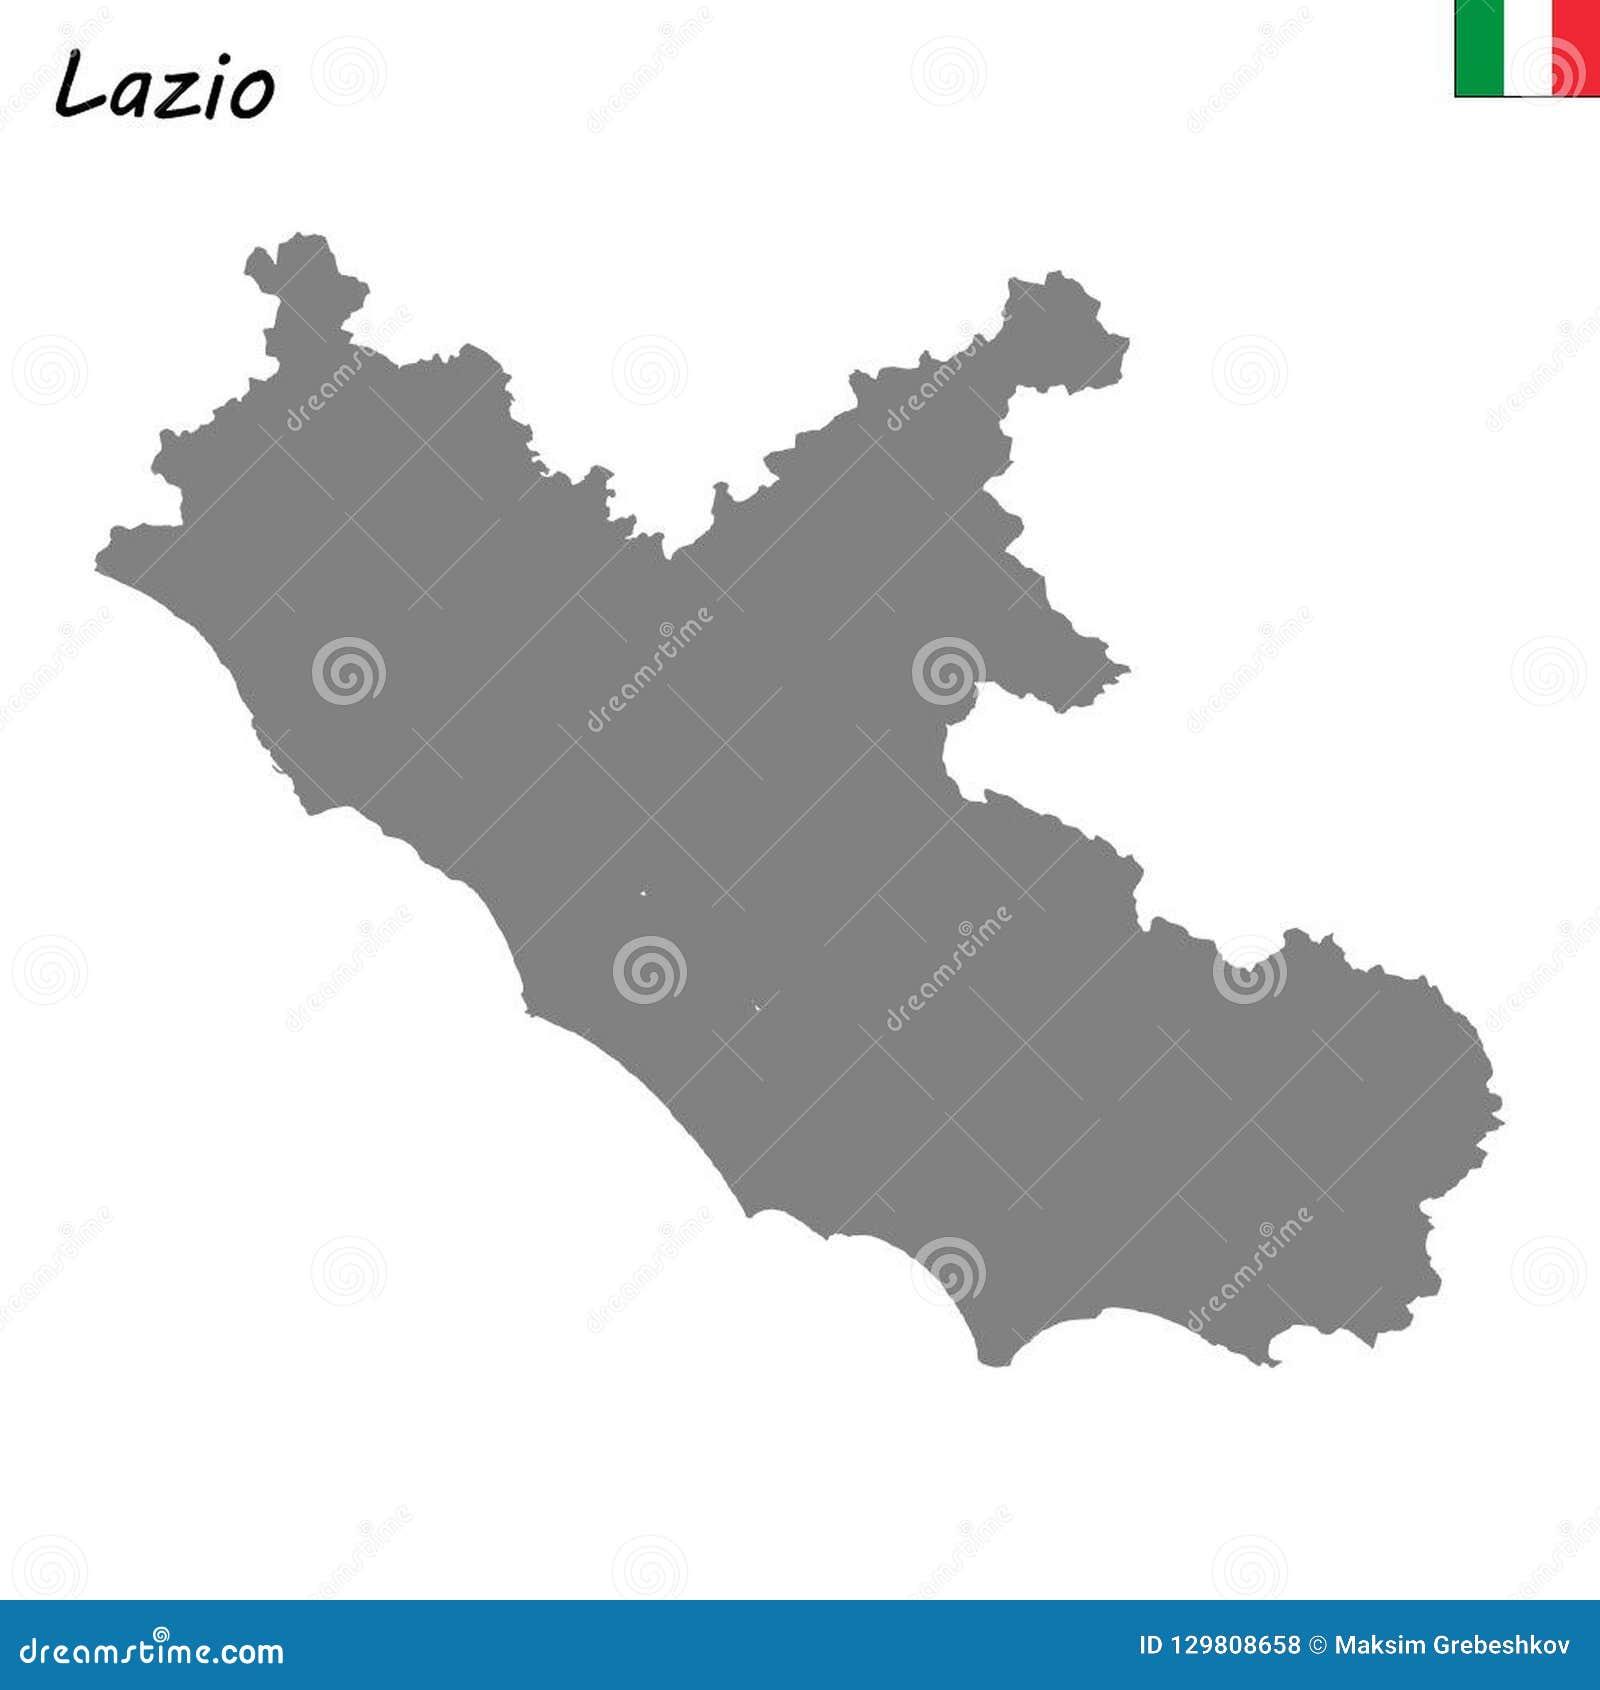 Region Italy Map.Map Of Region Of Italy Stock Illustration Illustration Of Italy